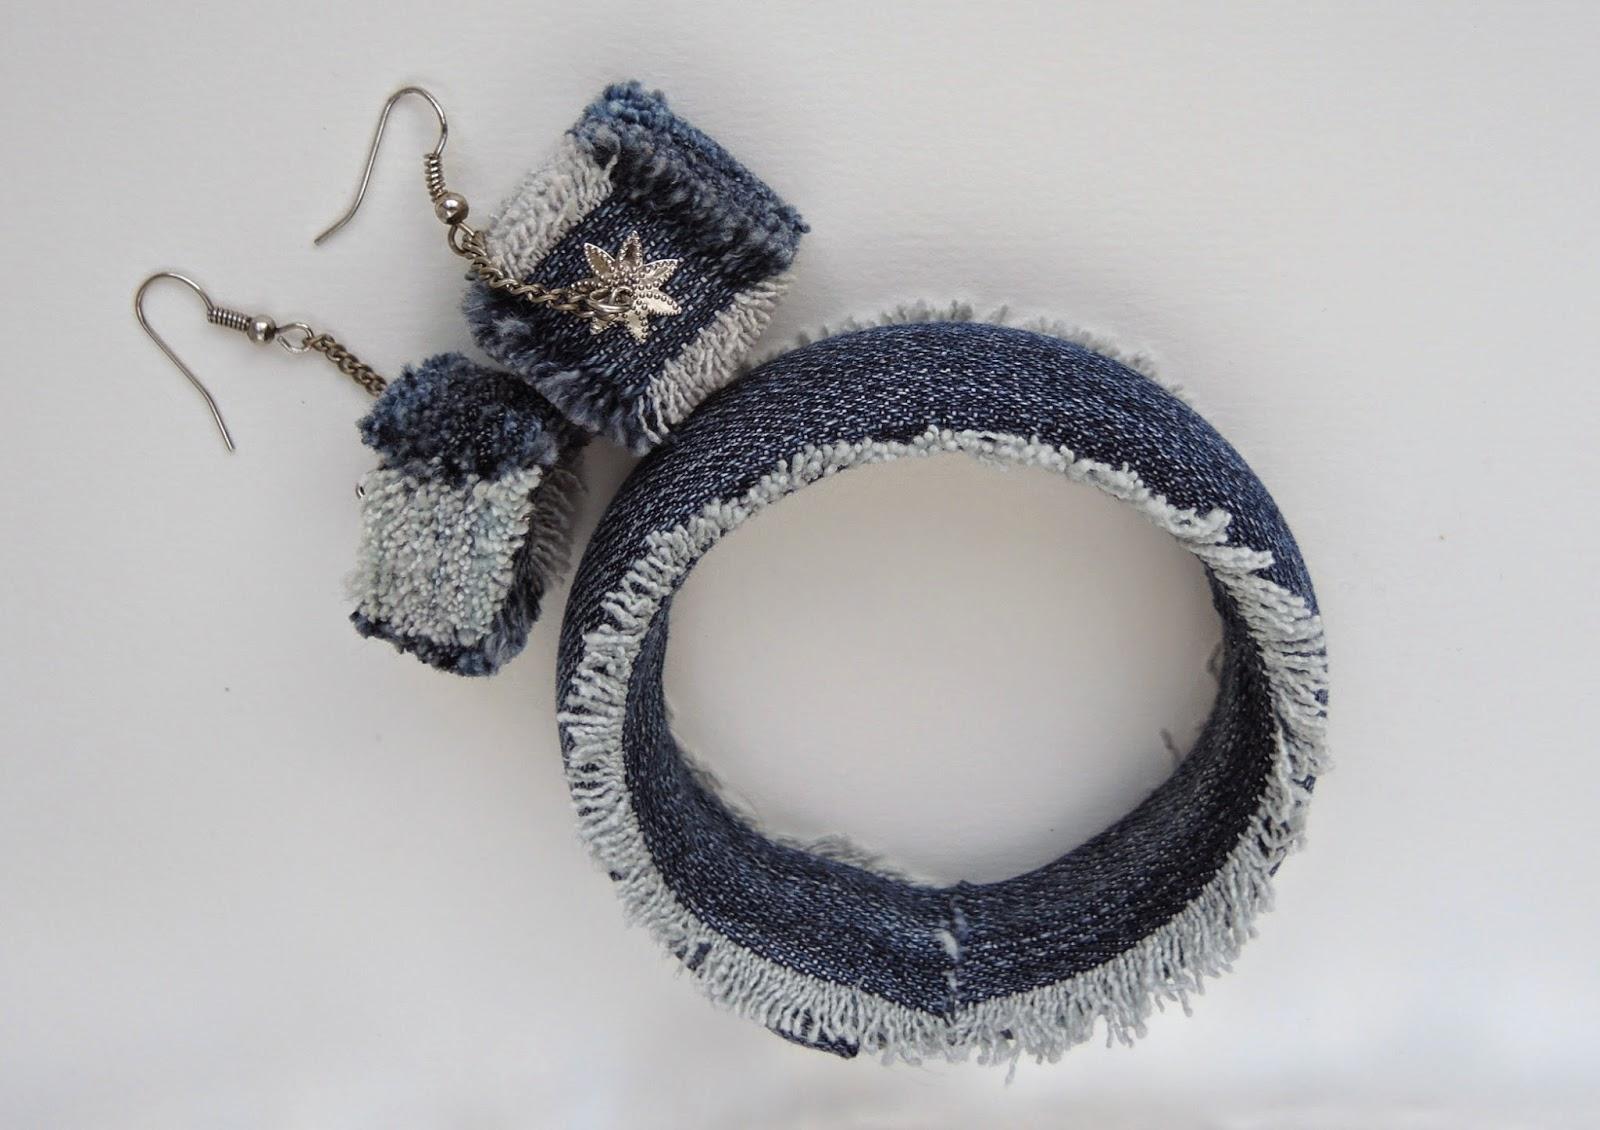 из джинс, сережки из джинсы, браслет из джинсы, своими руками, бижутерия